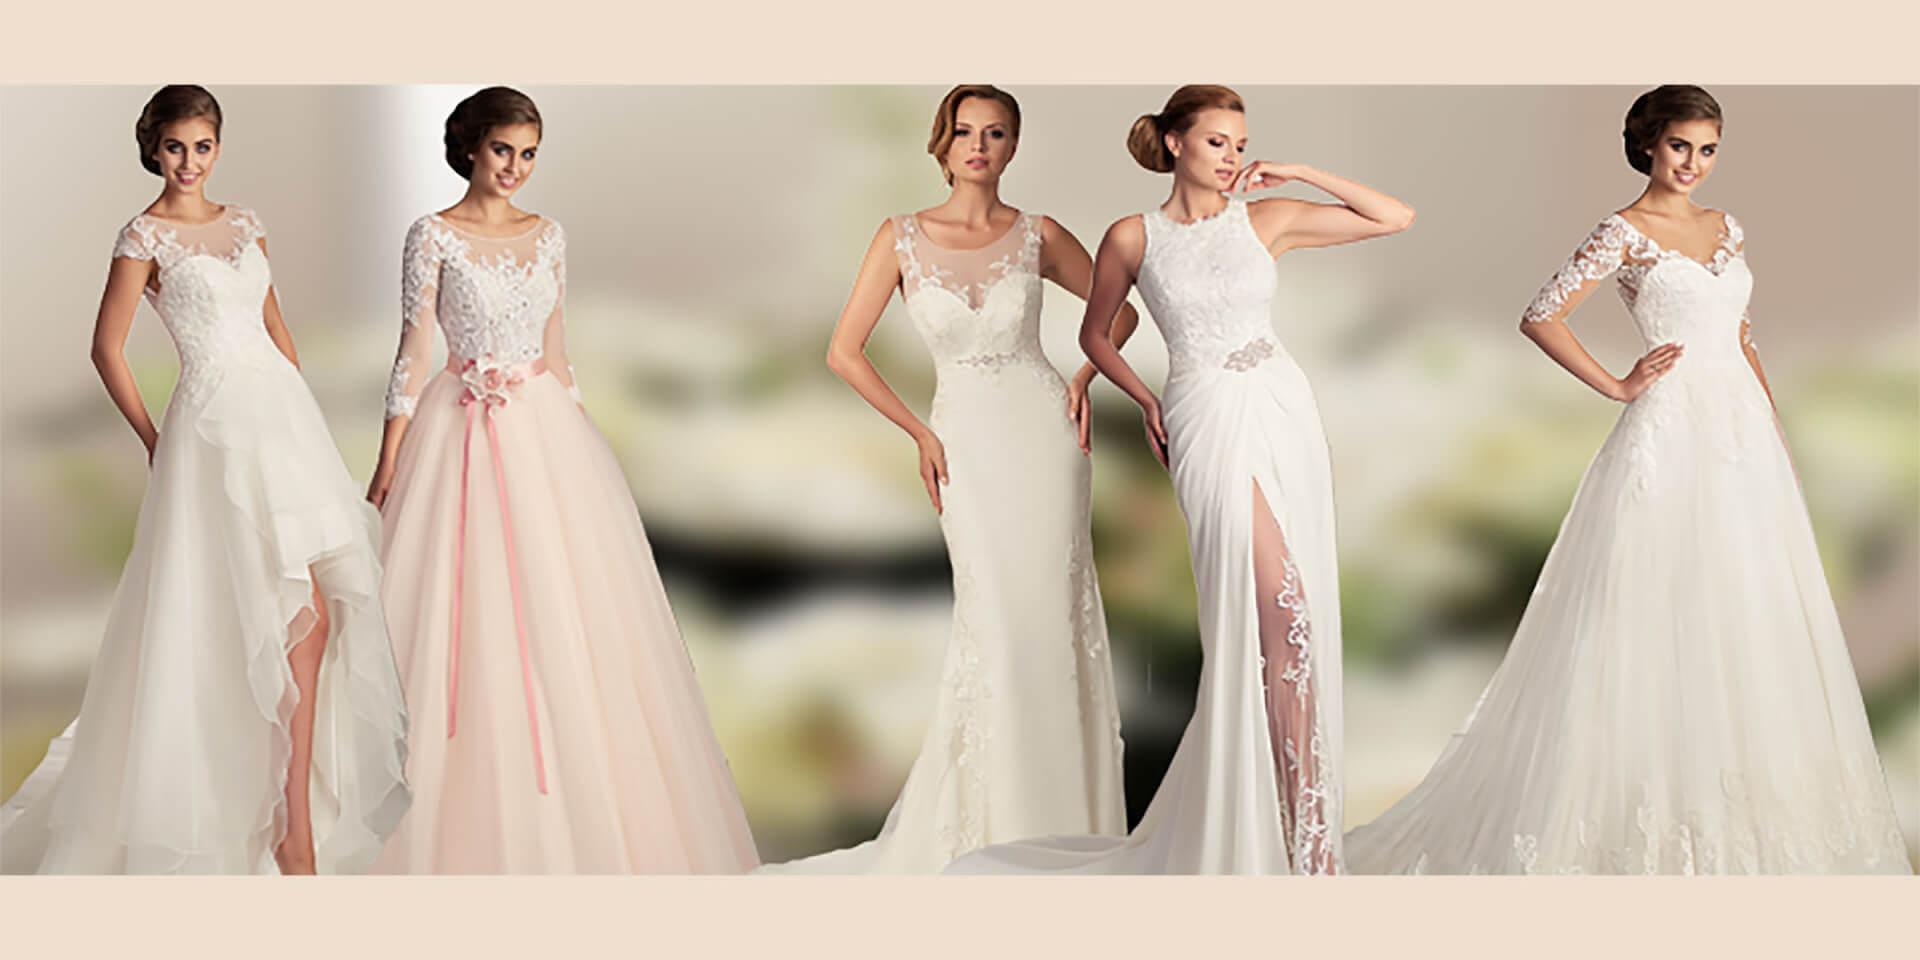 Brautkleider im Sommer - Vintage, Rüschen, Spitze und mehr.